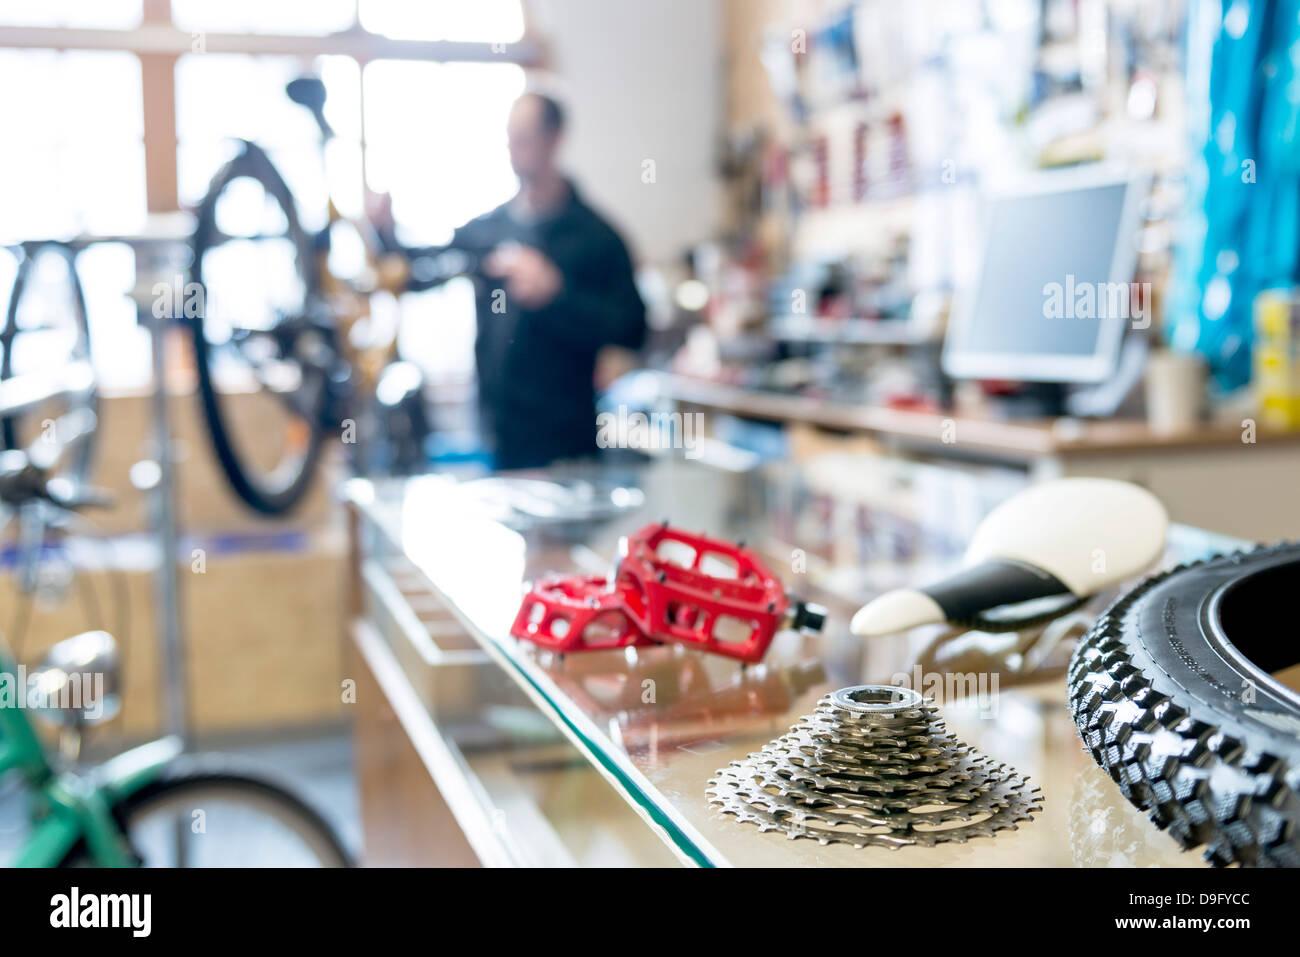 Mécanicien vélo au travail dans bike shop Photo Stock